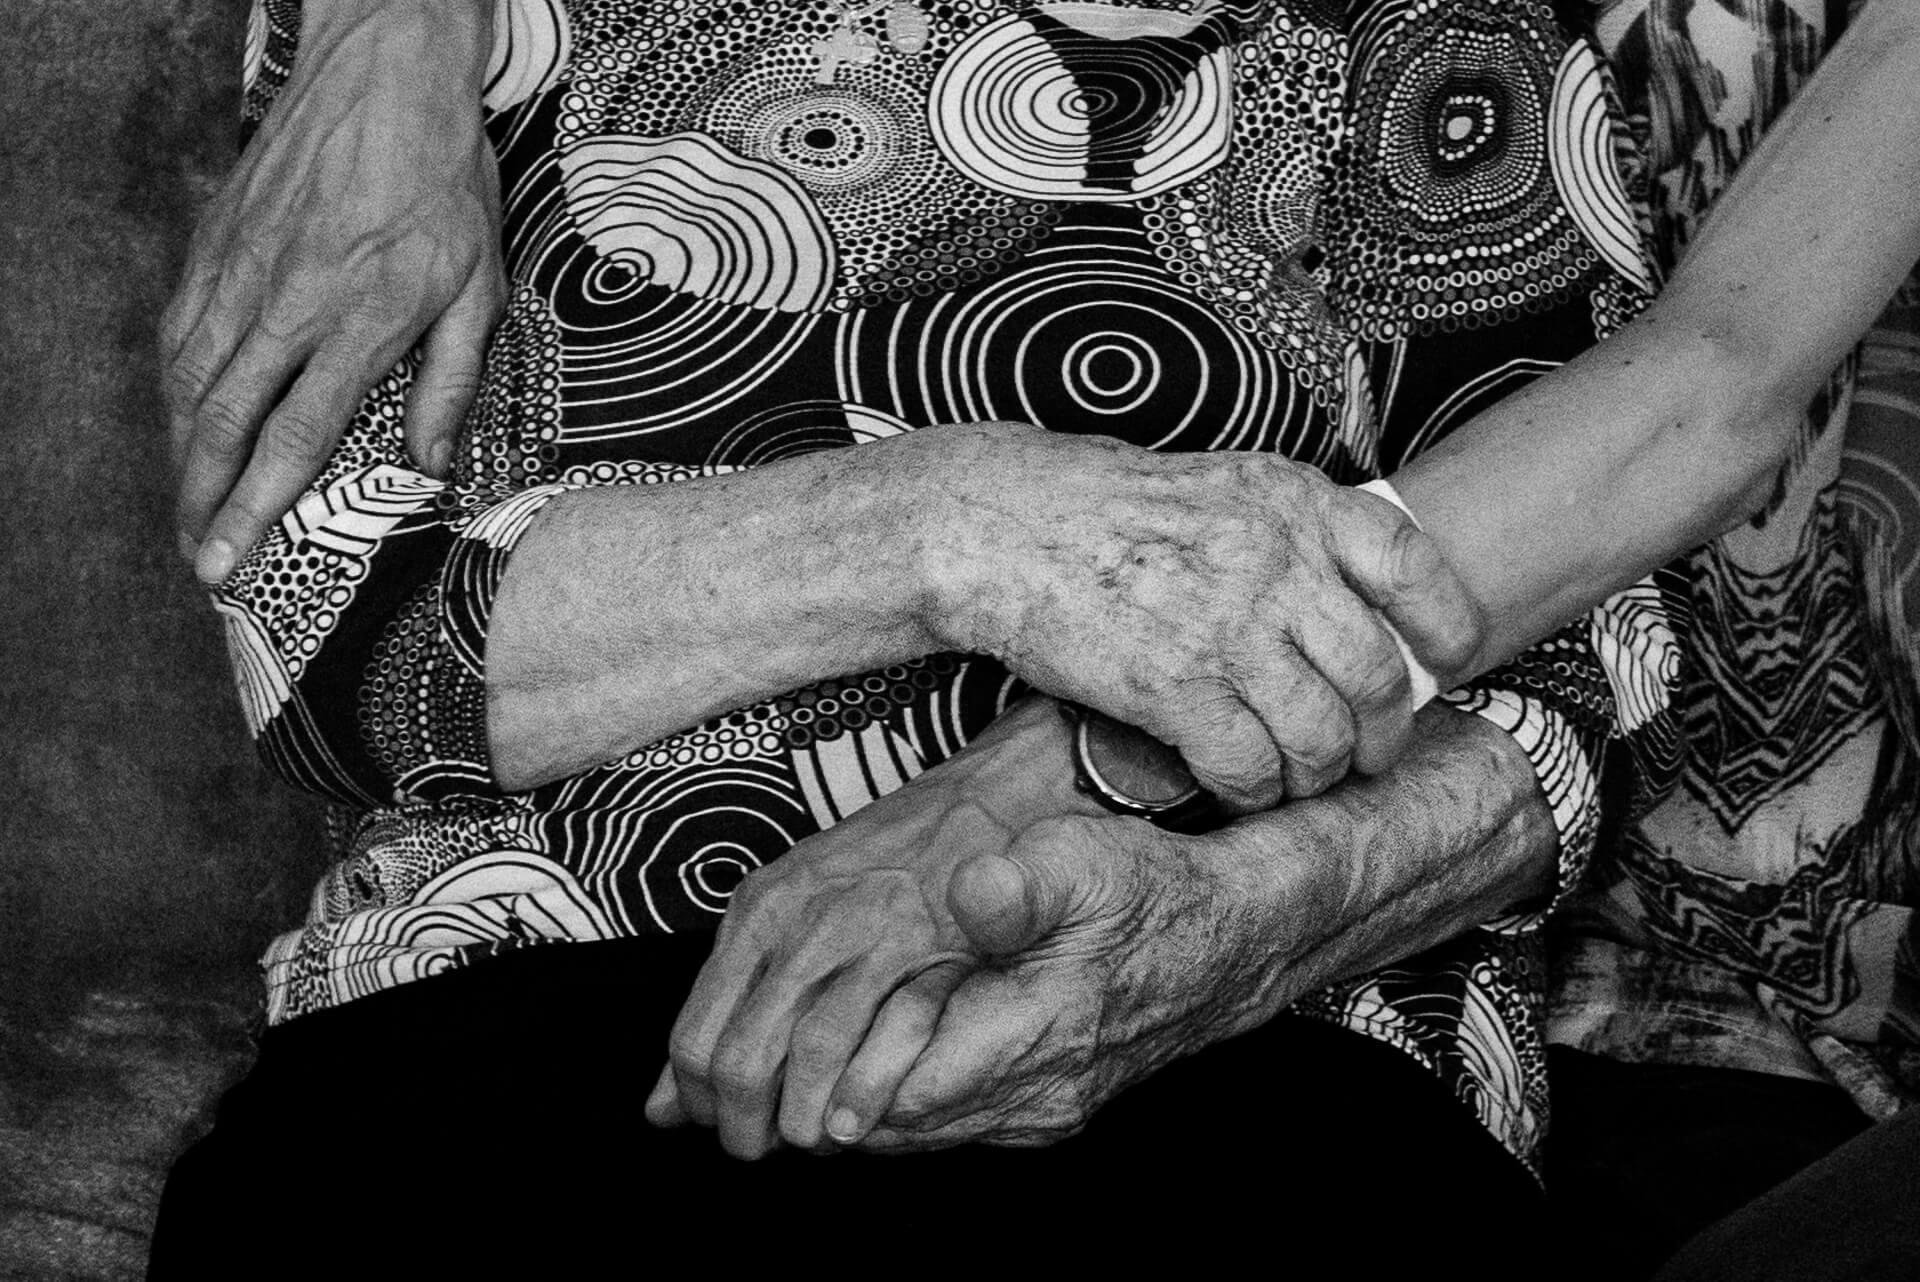 ręce babci i wnuczki, czarno-białe zdjęcie